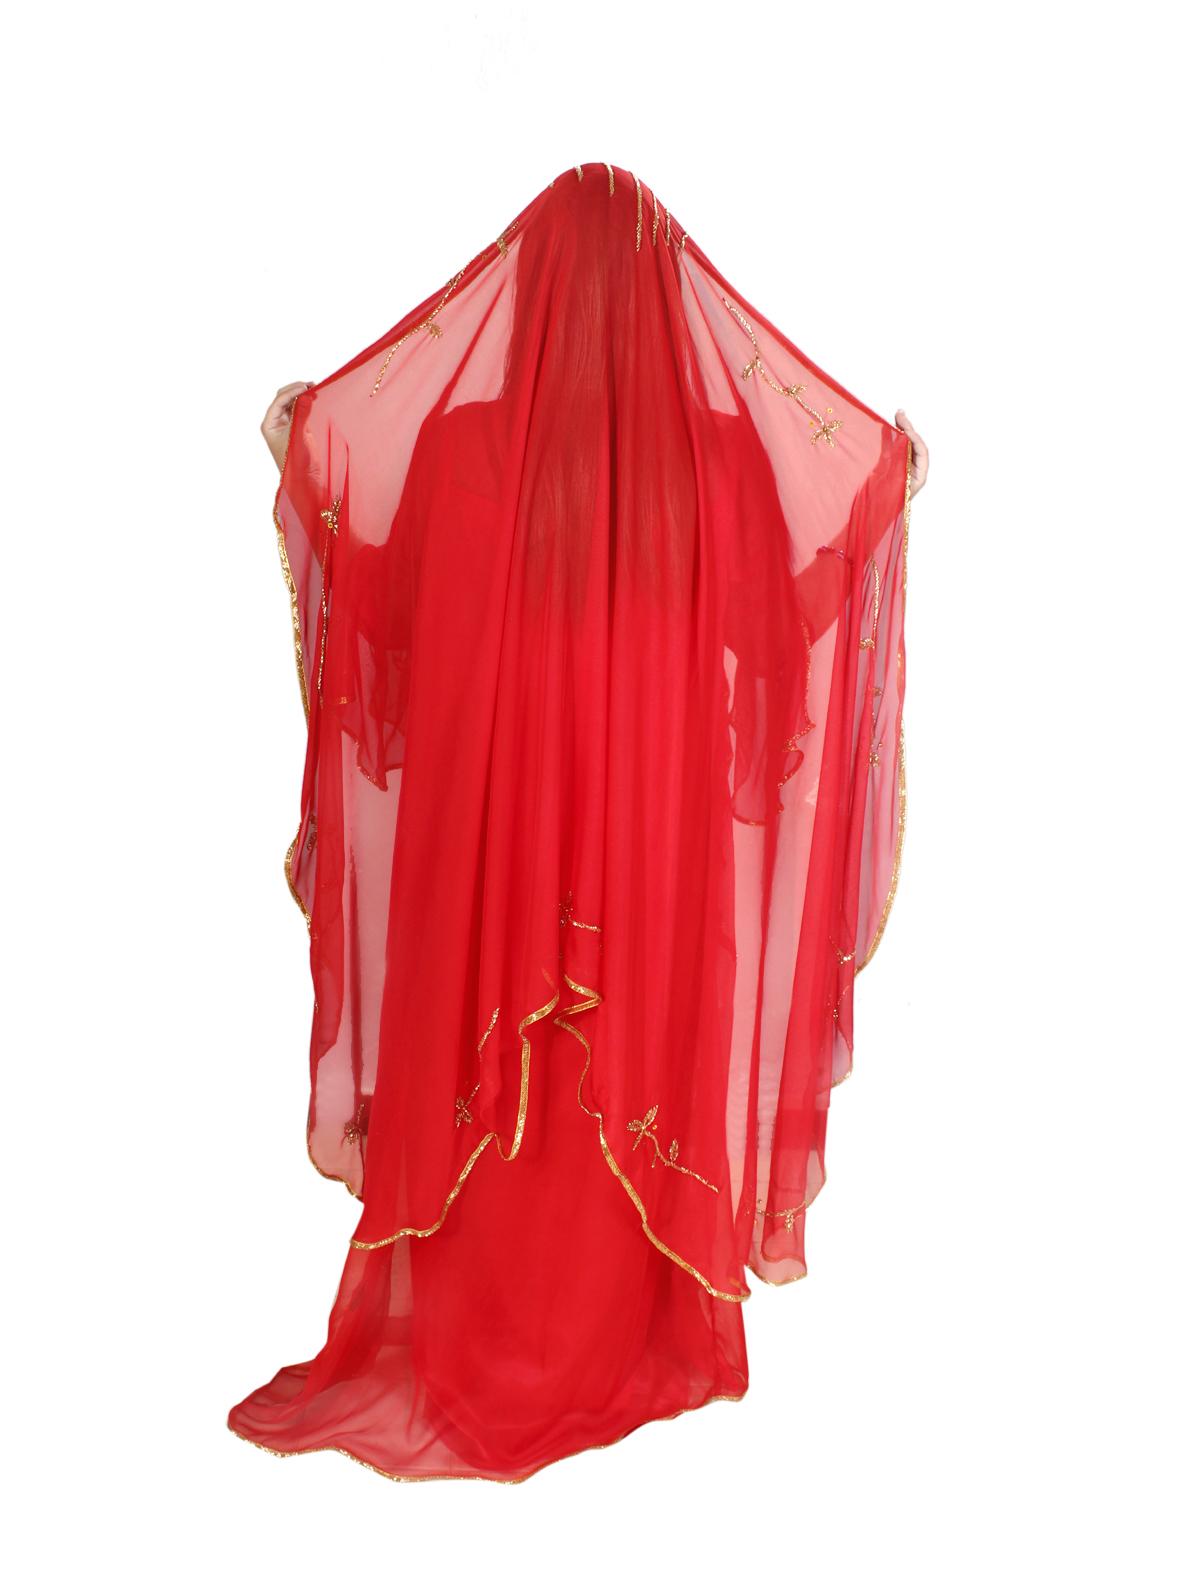 abaya islamische festkleider arabische kleidung bei kaufen. Black Bedroom Furniture Sets. Home Design Ideas